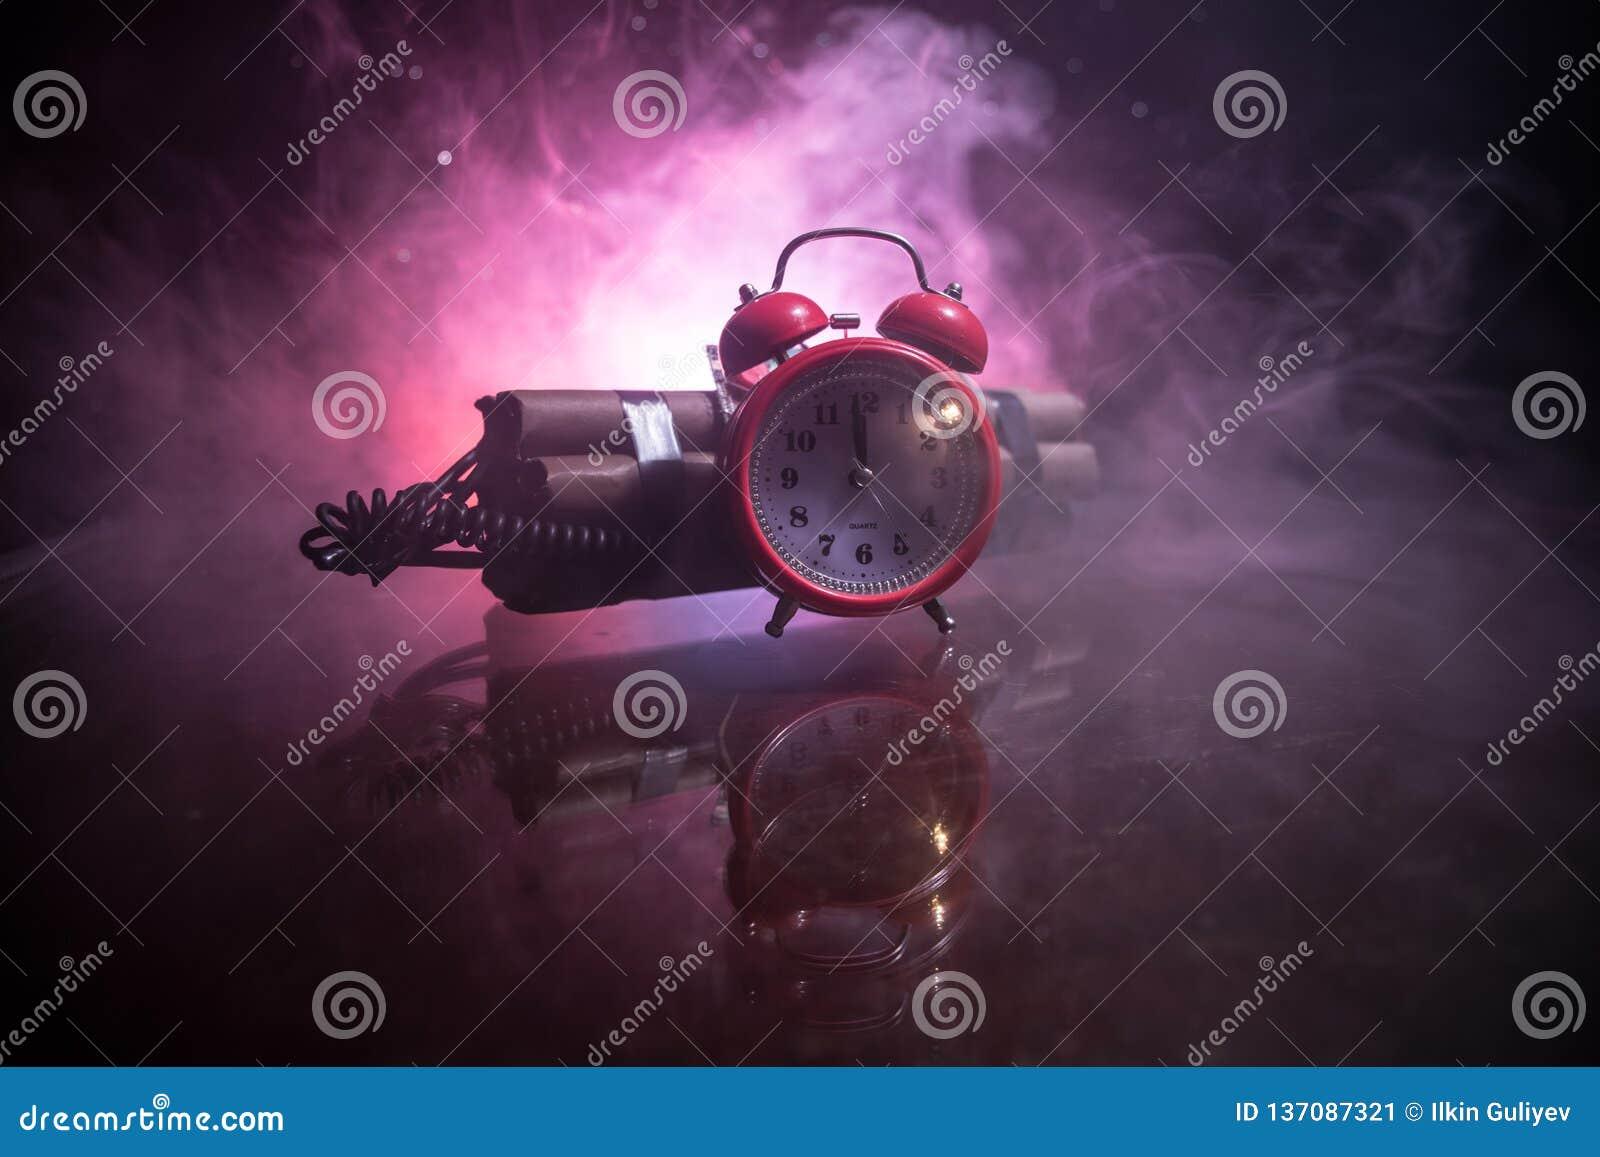 Εικόνα μιας ορολογιακής βόμβας στο σκοτεινό κλίμα Υπολογισμός χρονομέτρων κάτω στην εκπυρσοκρότηση που φωτίζεται ελαφρύ να λάμψει